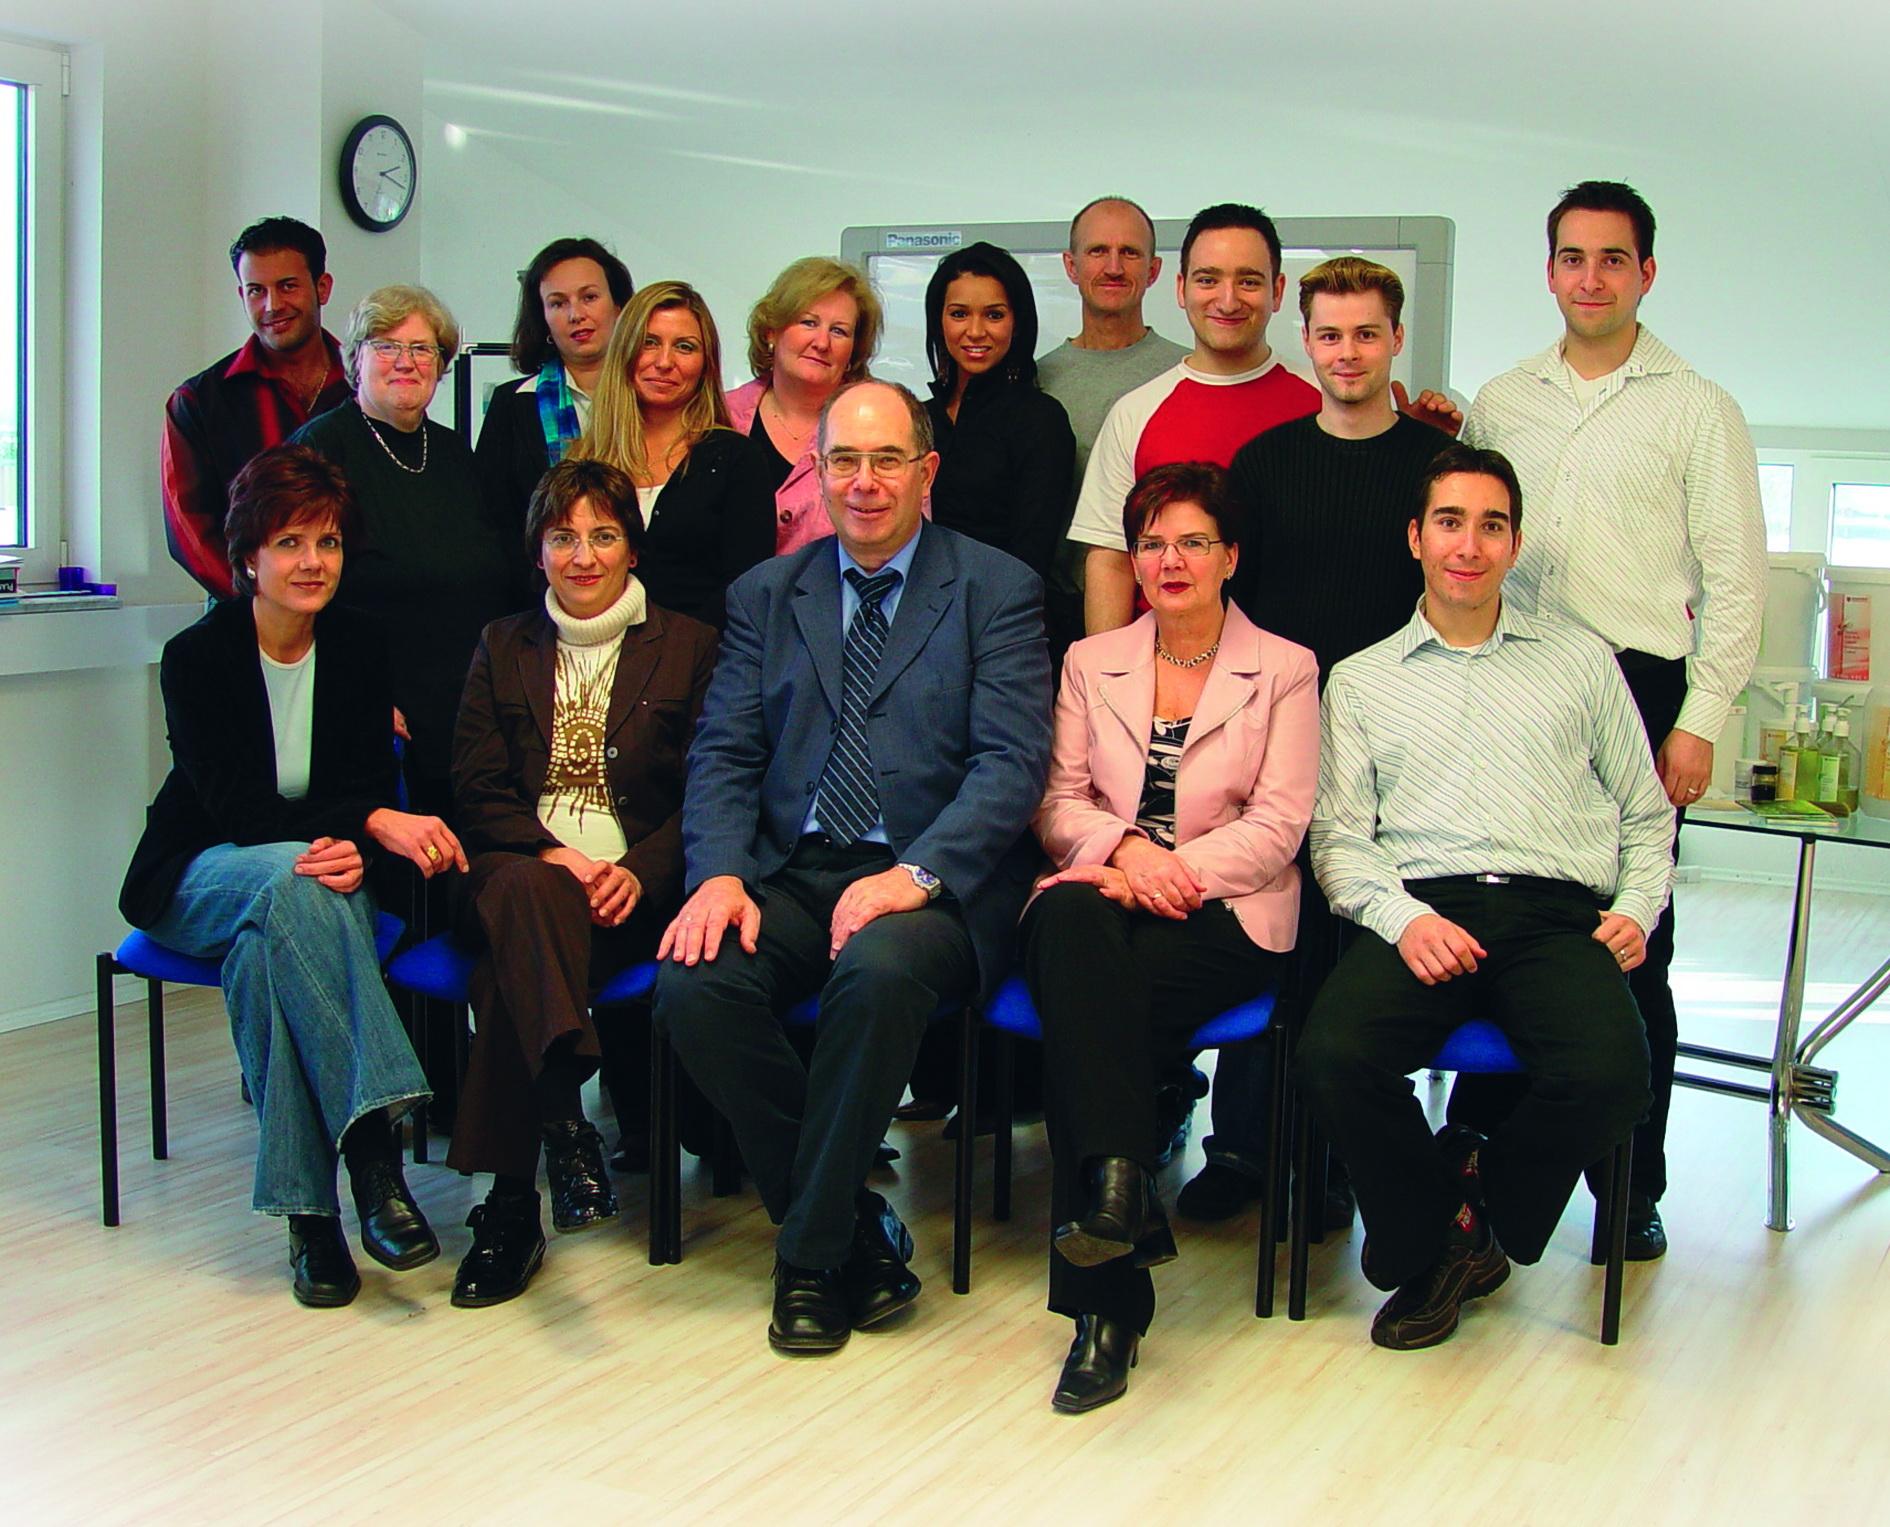 Unsere Mitarbeiter 2005